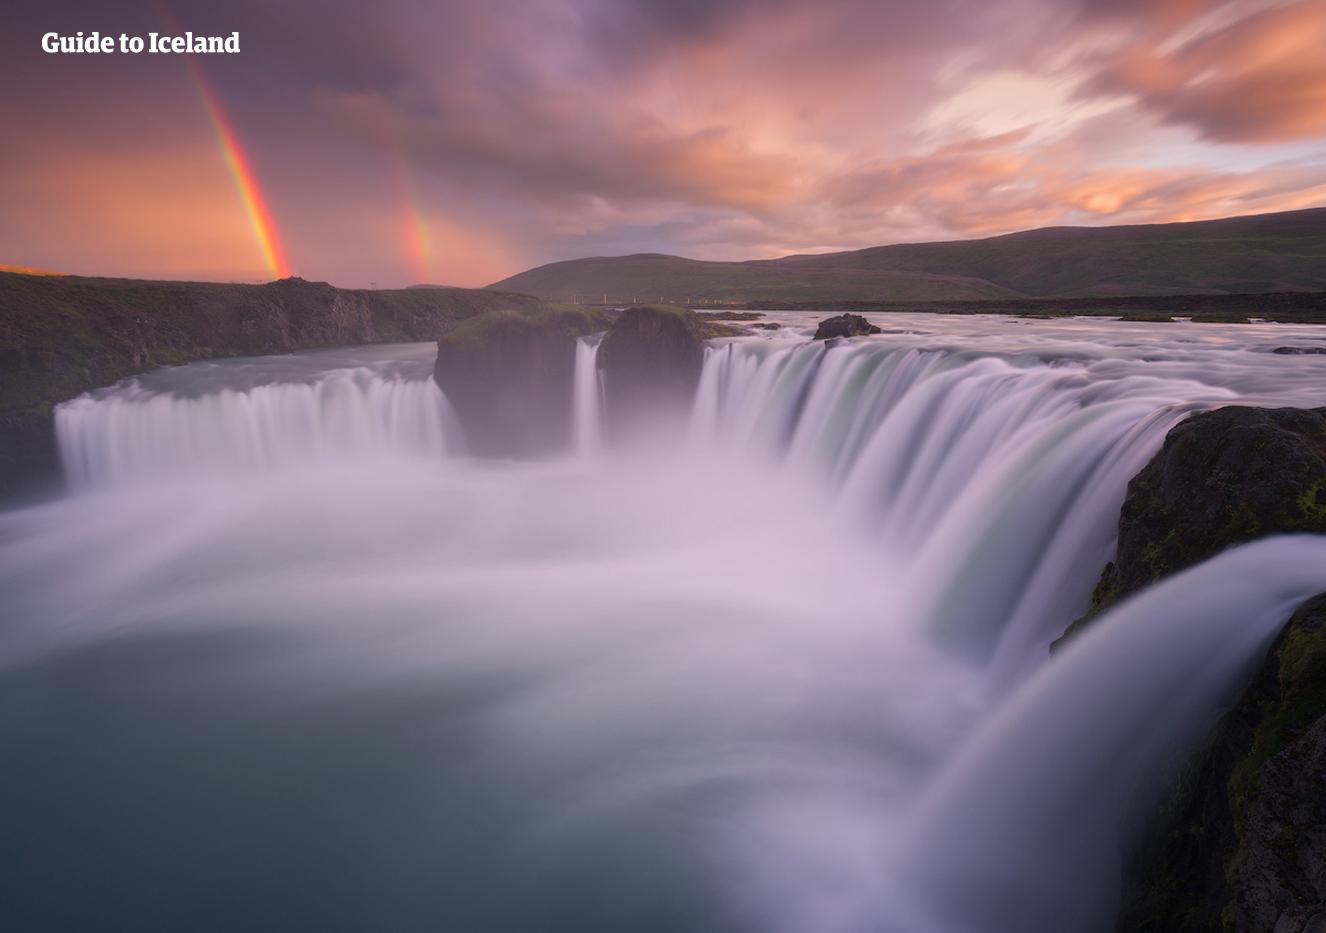 11 dni, samodzielna podróż | Wycieczka dookoła Islandii i dzień w Reykjaviku - day 4